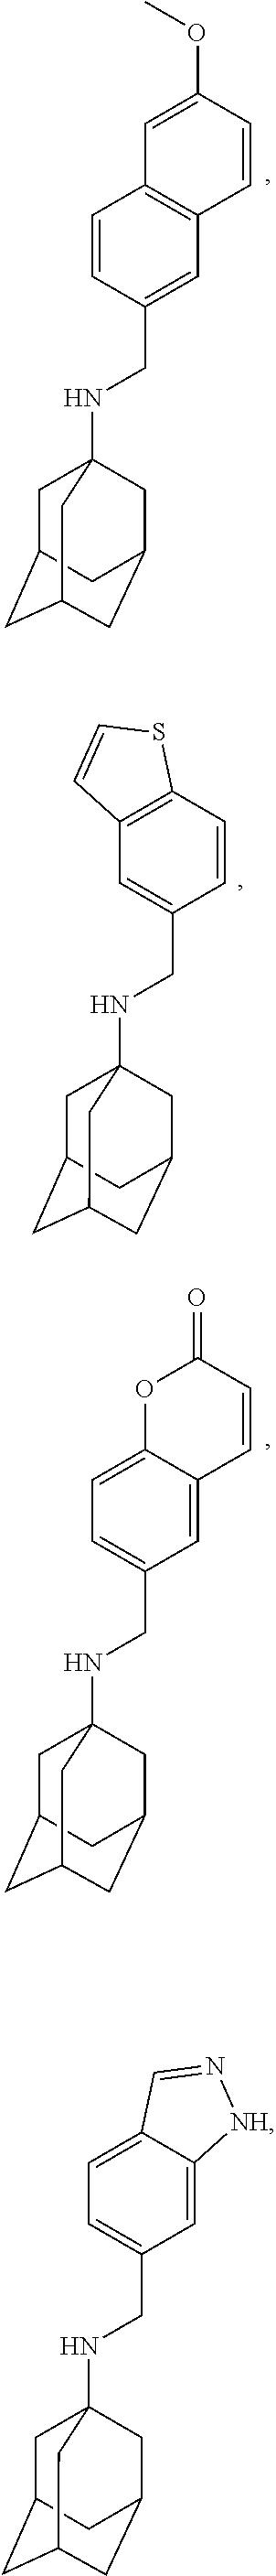 Figure US09884832-20180206-C00037